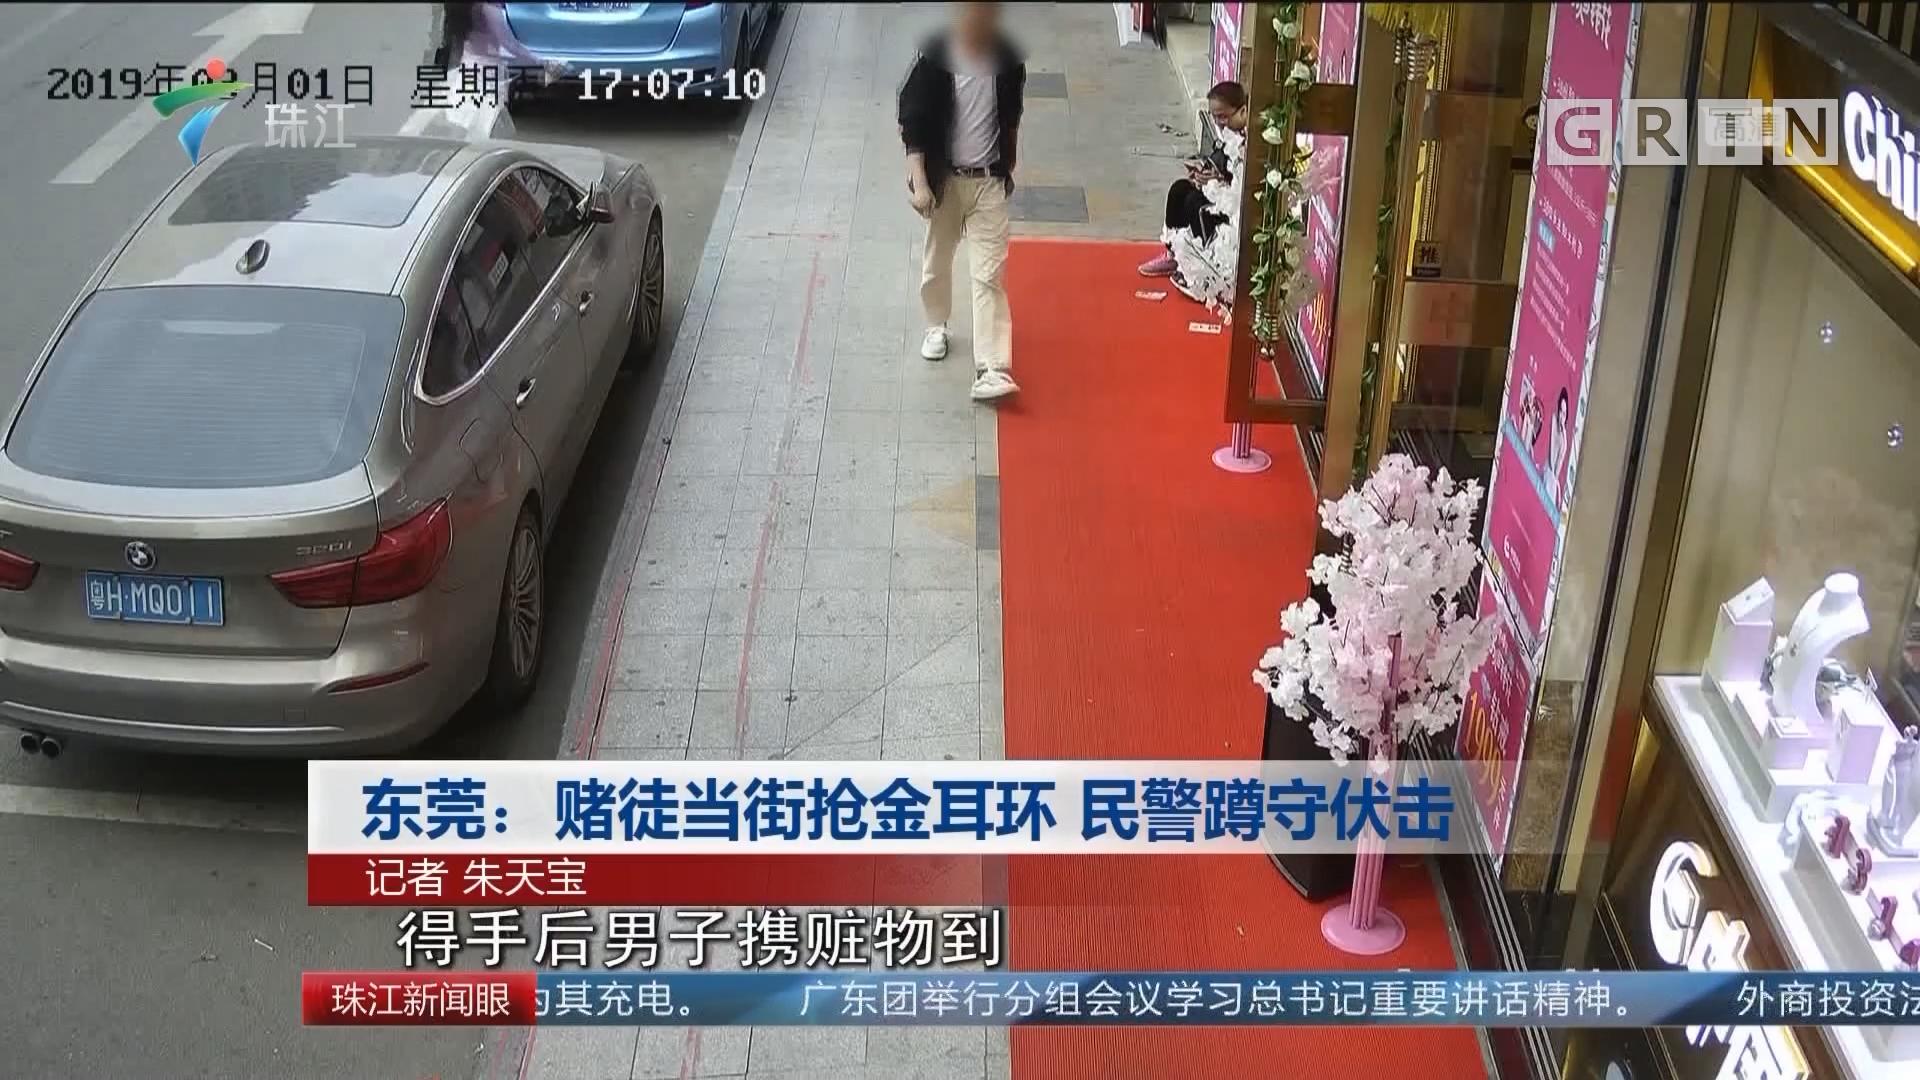 东莞:赌徒当街抢金耳环 民警蹲守伏击